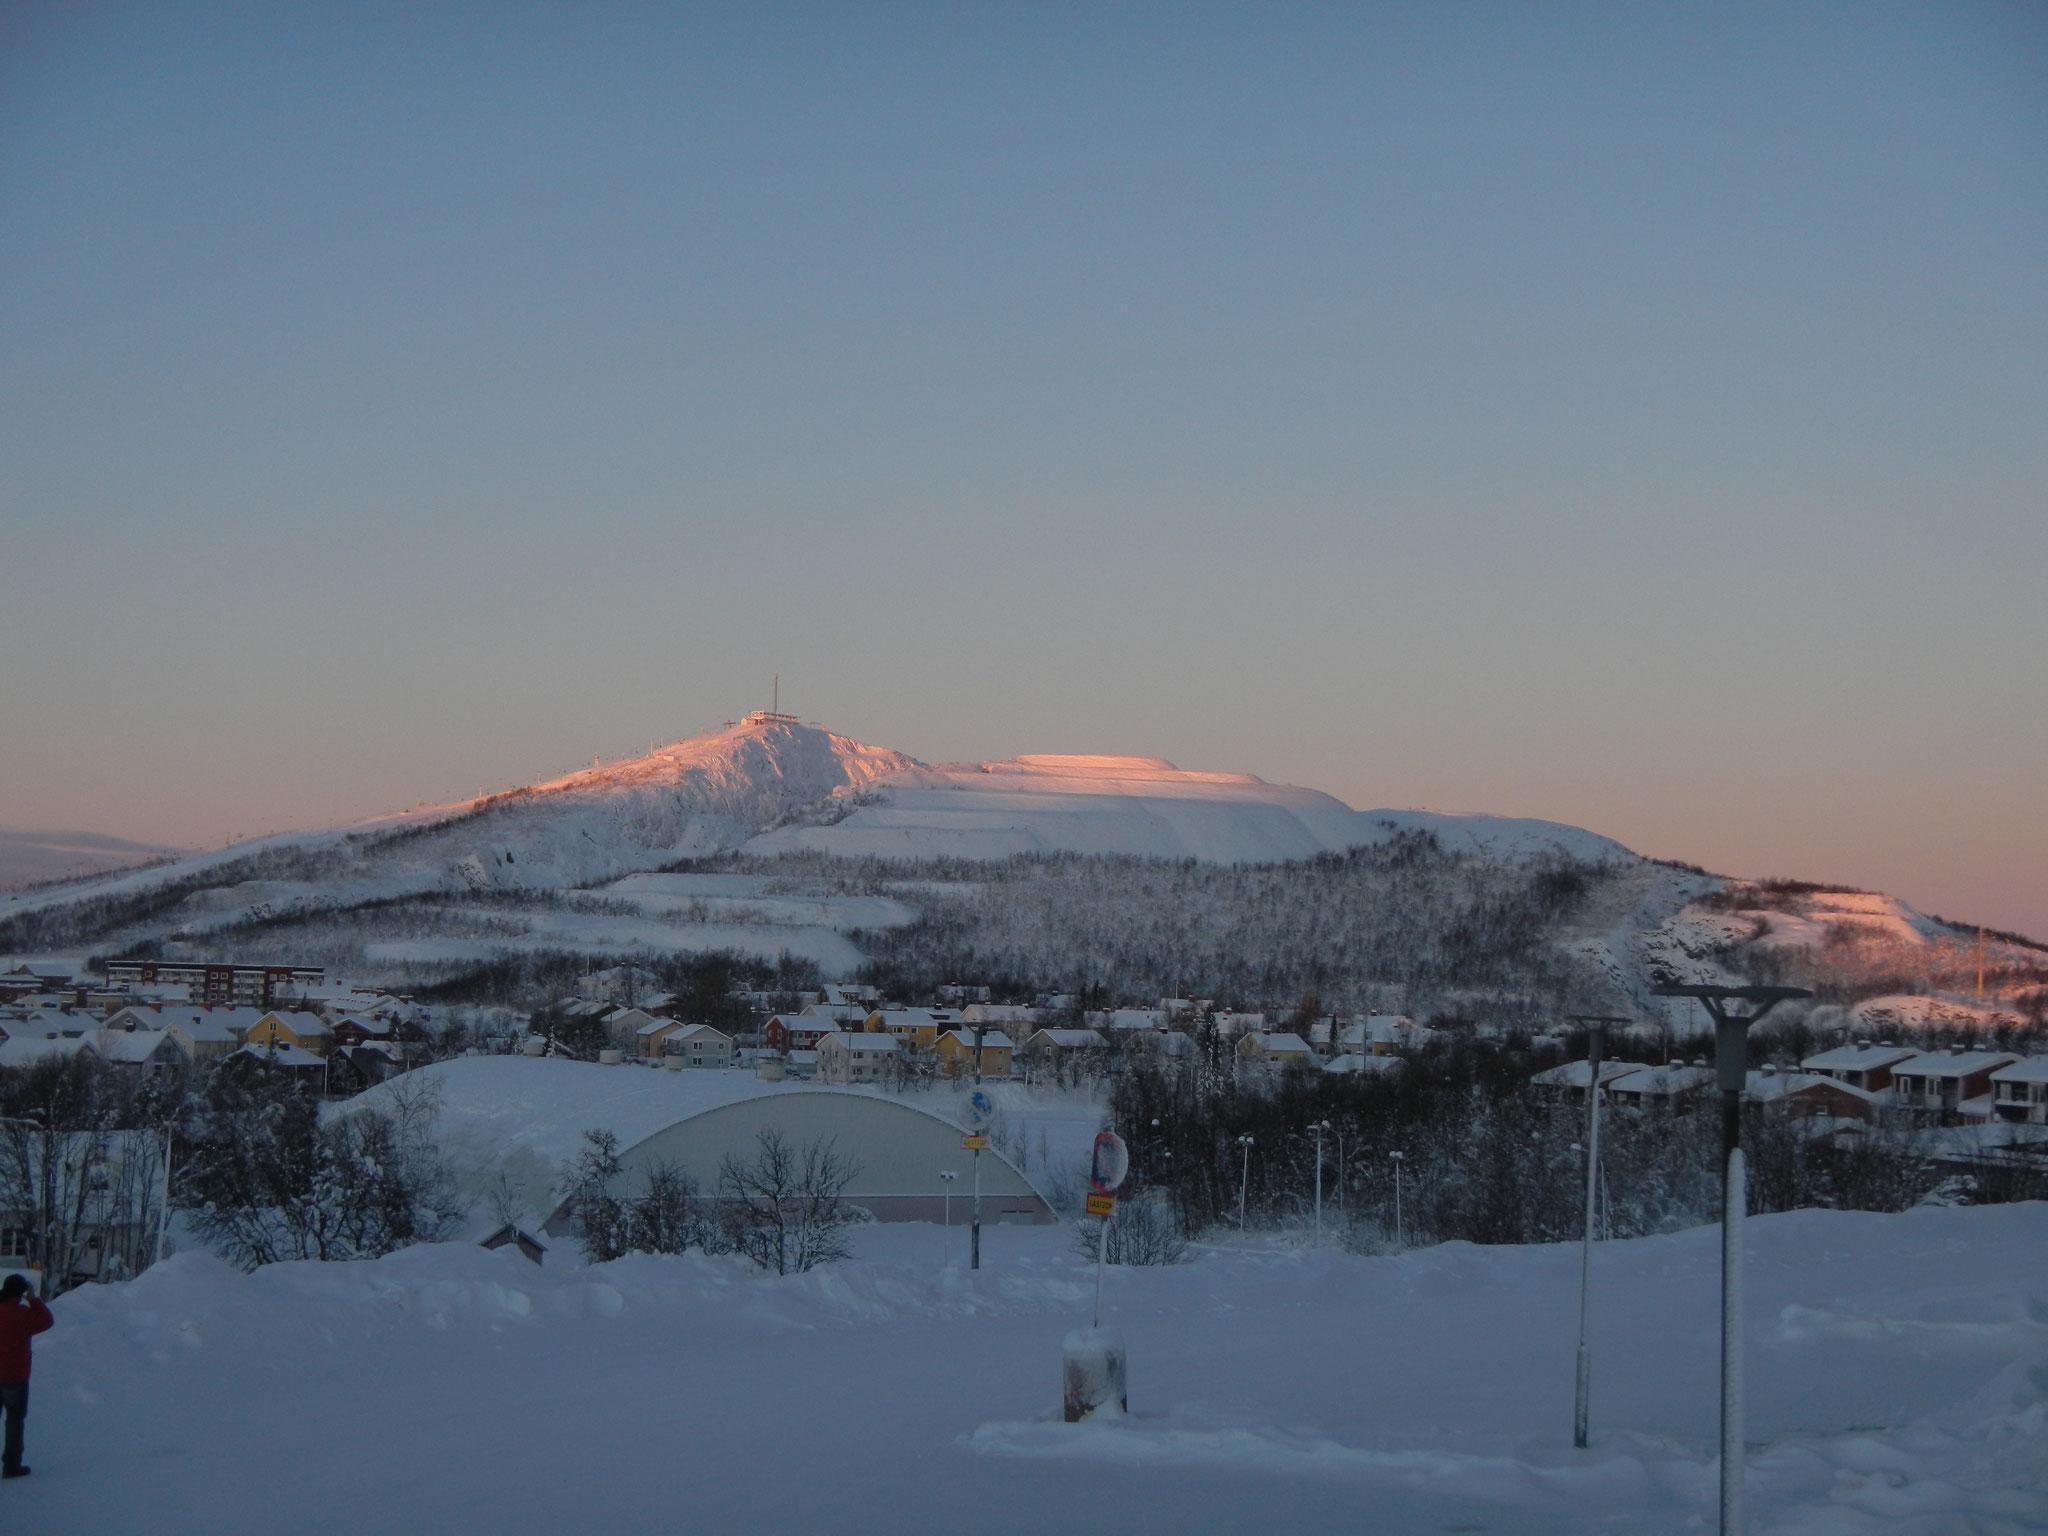 Die Schnee bedeckten Berge Lapplands